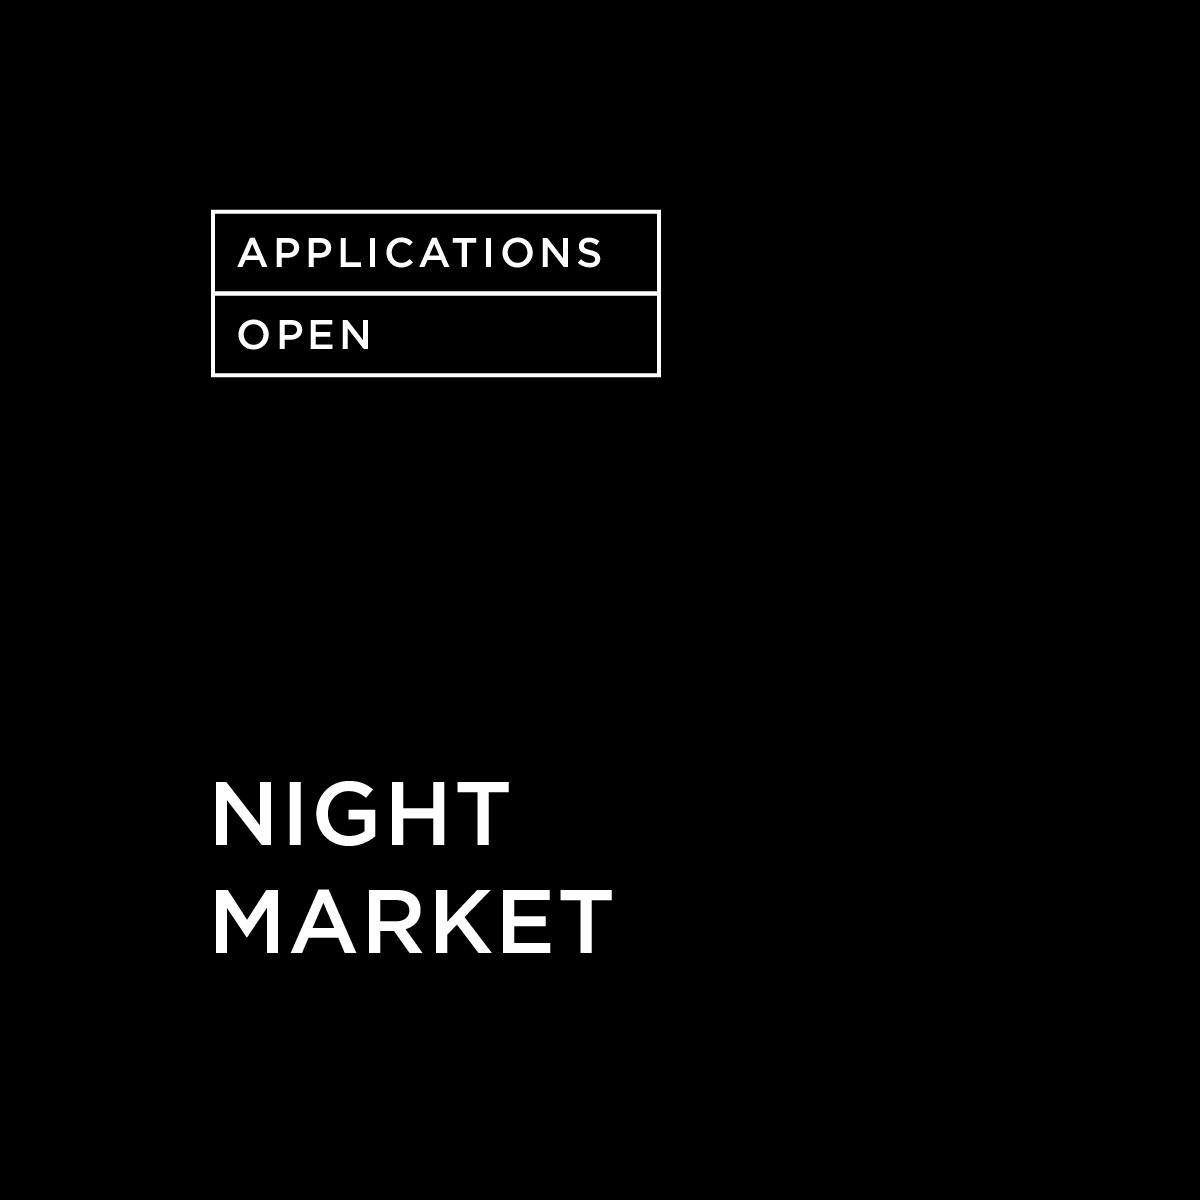 Nook_Tile_Night Market.png